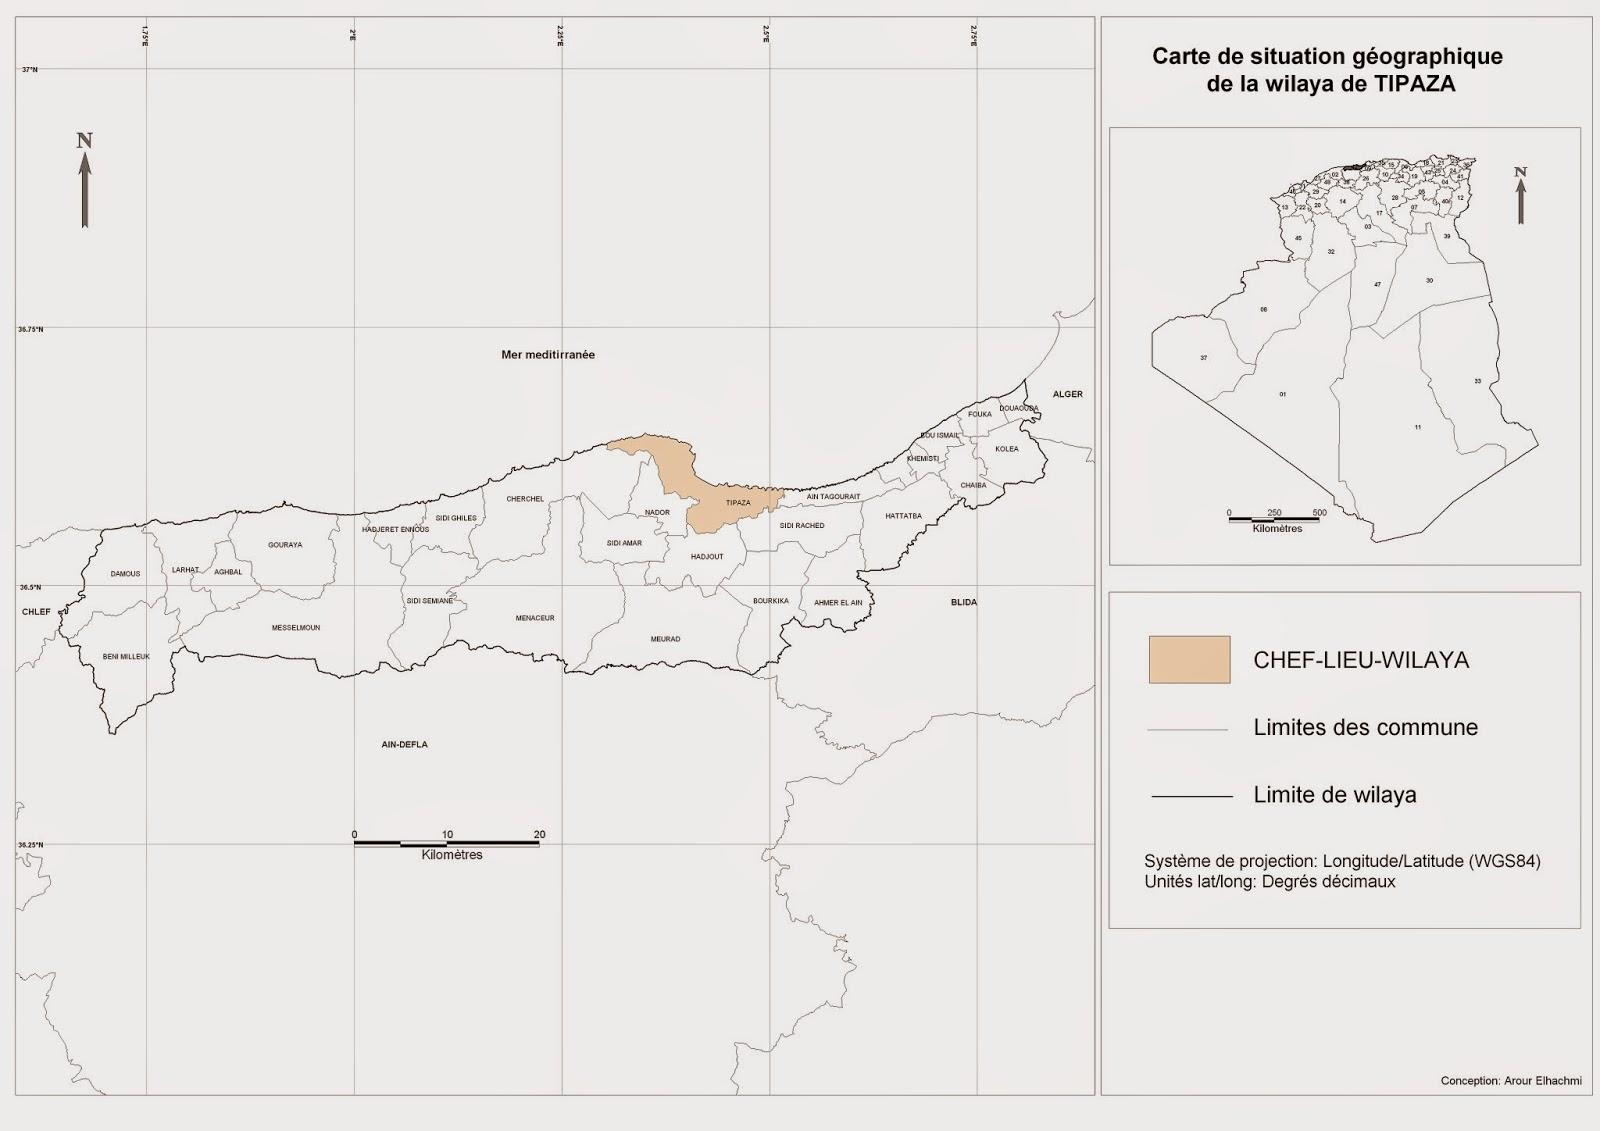 Carte Algerie Tipaza.Decoupage Administratif De L Algerie Monographie Carte De